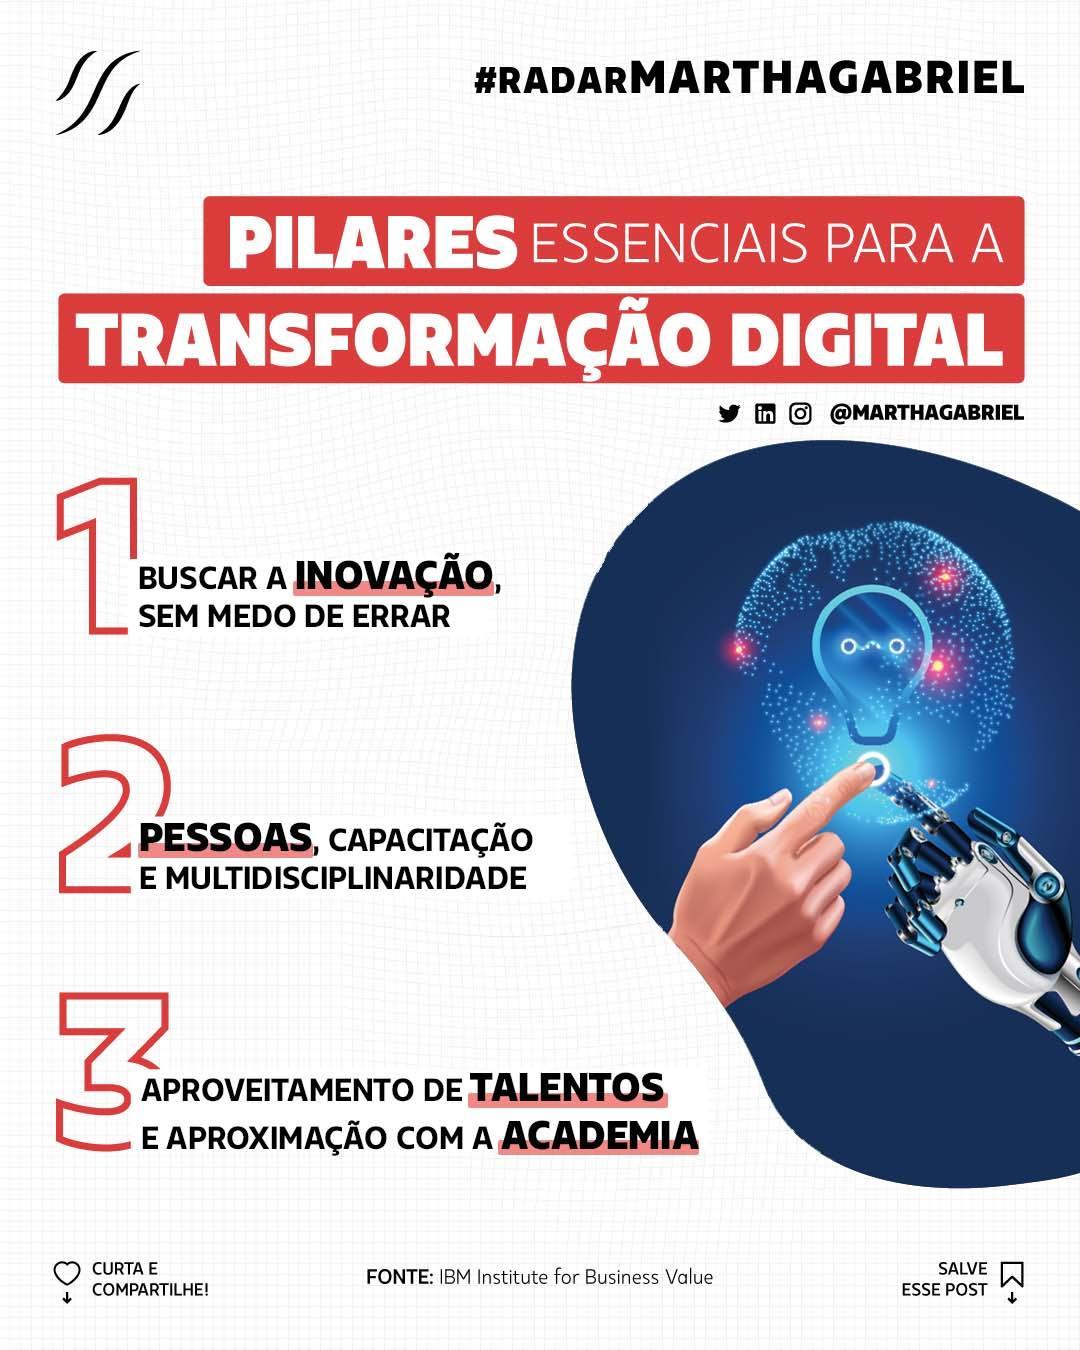 3 pilares da transformação digital